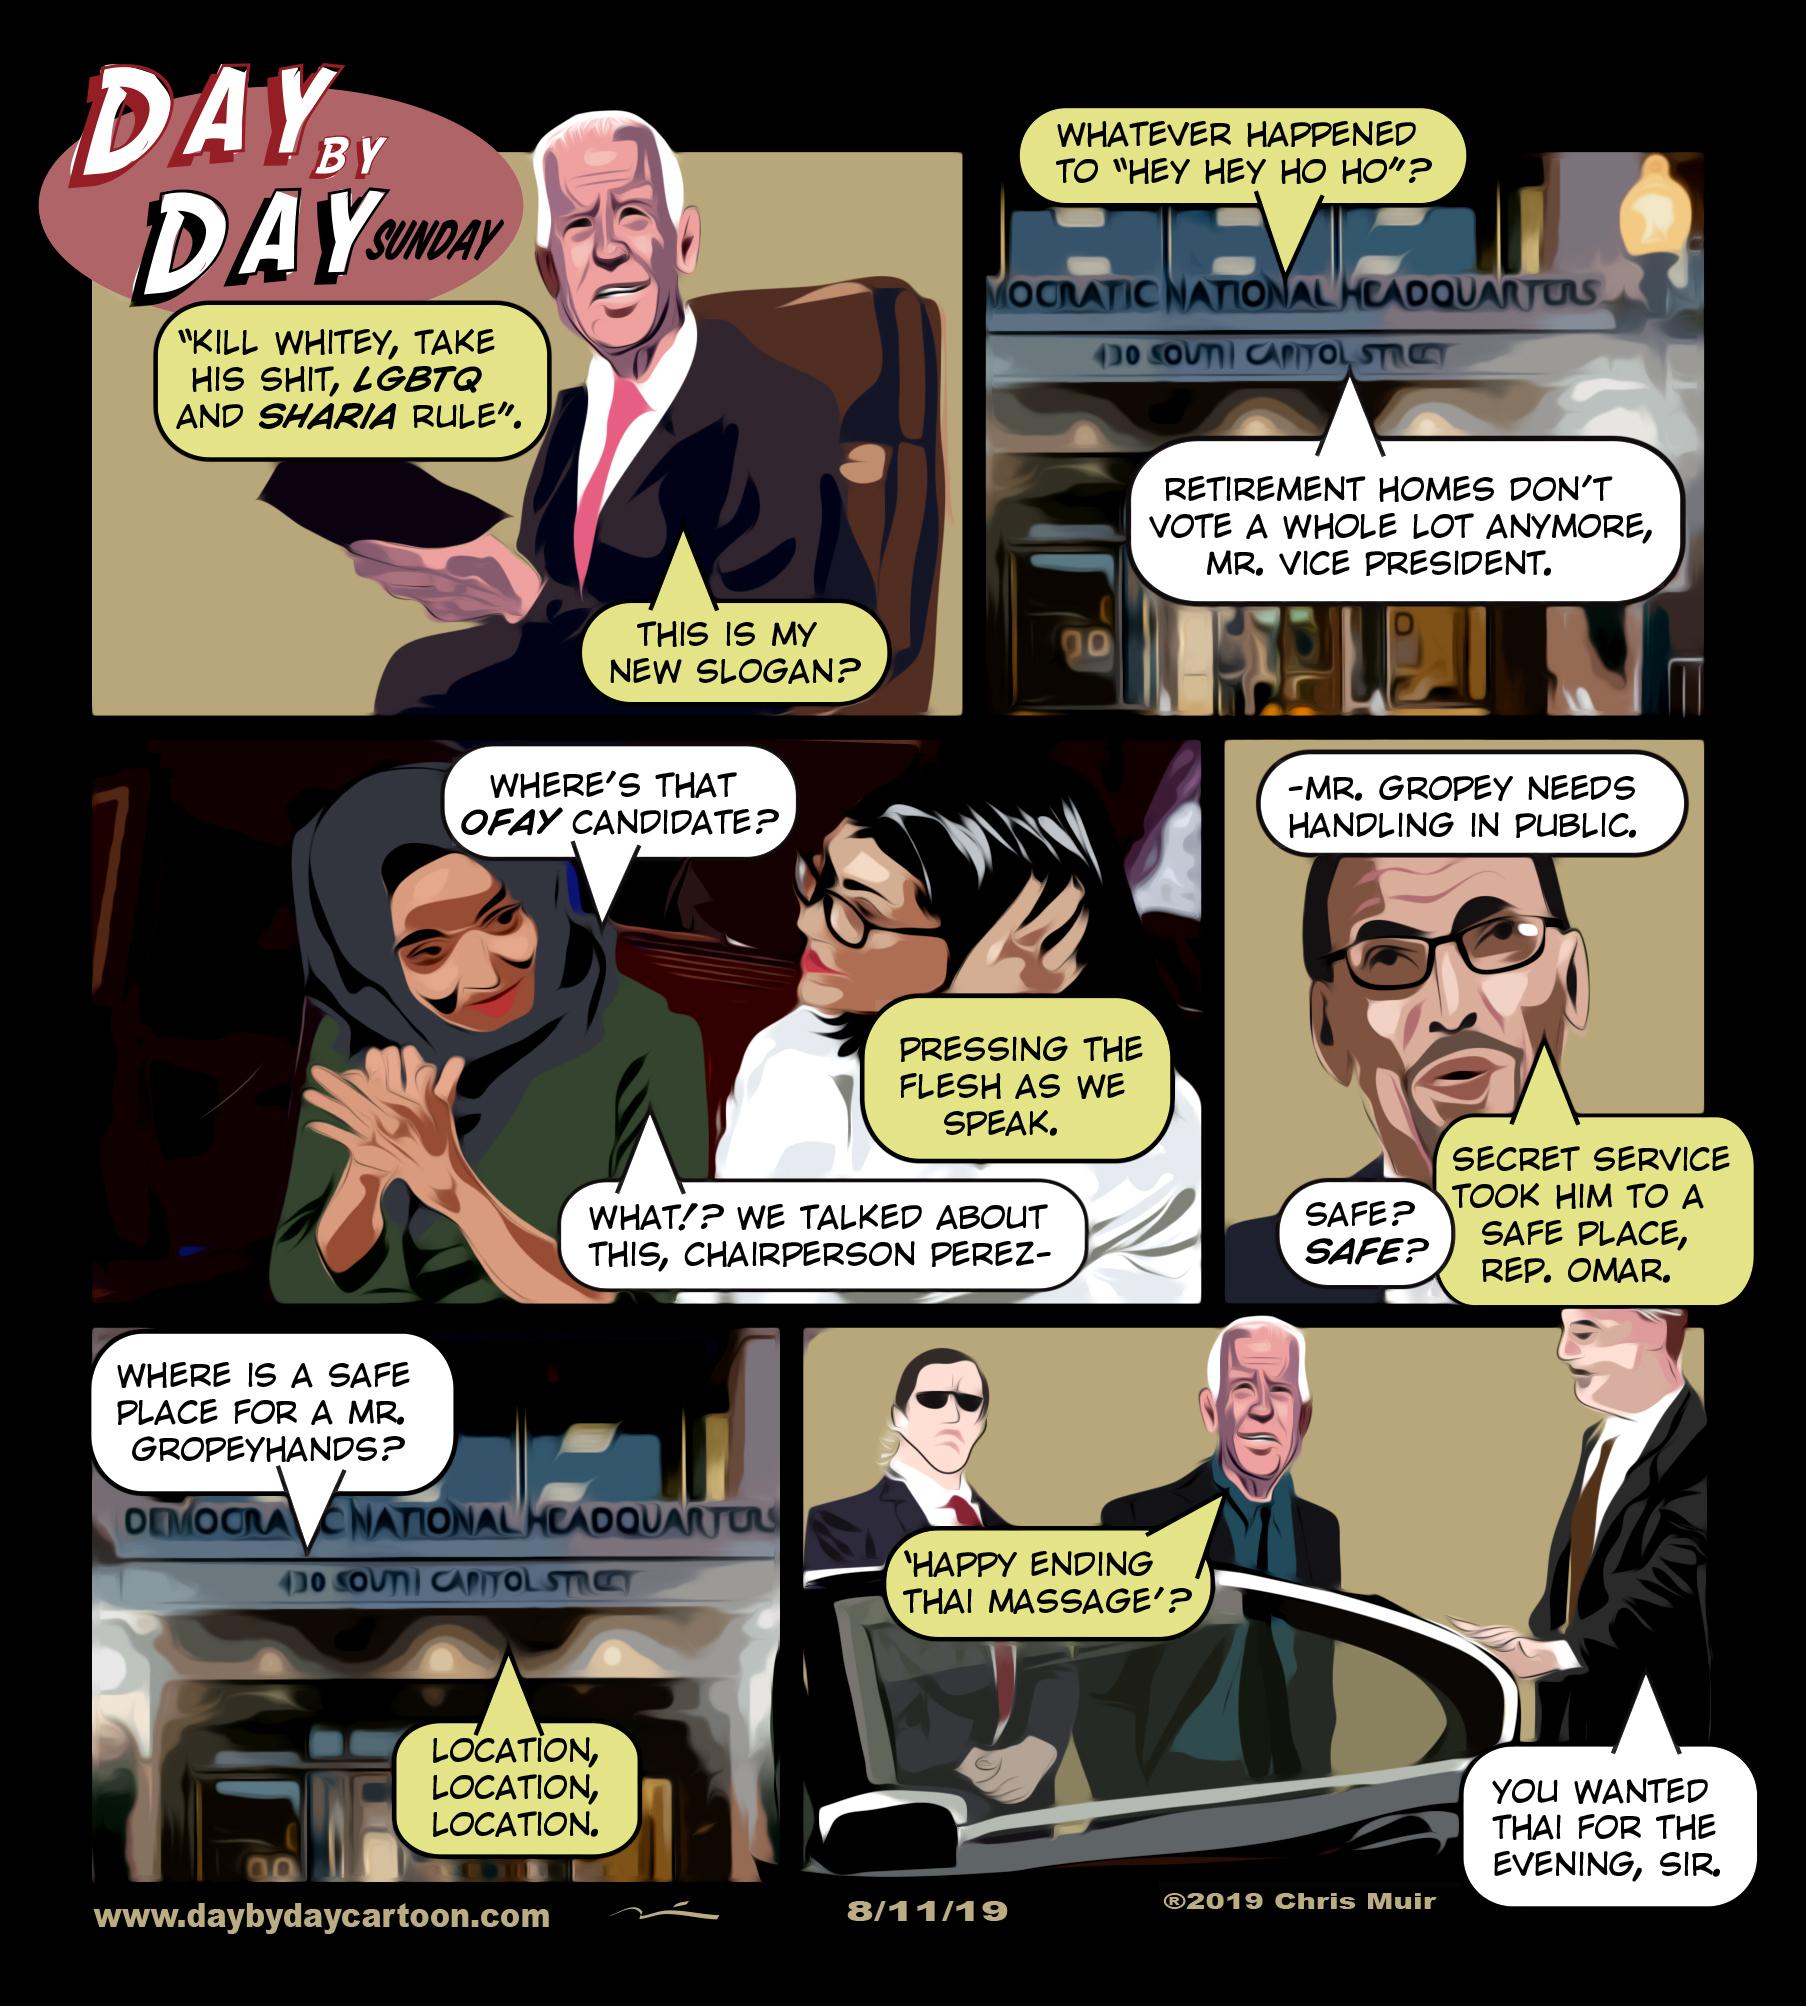 Heat. www.daybydaycartoon.com